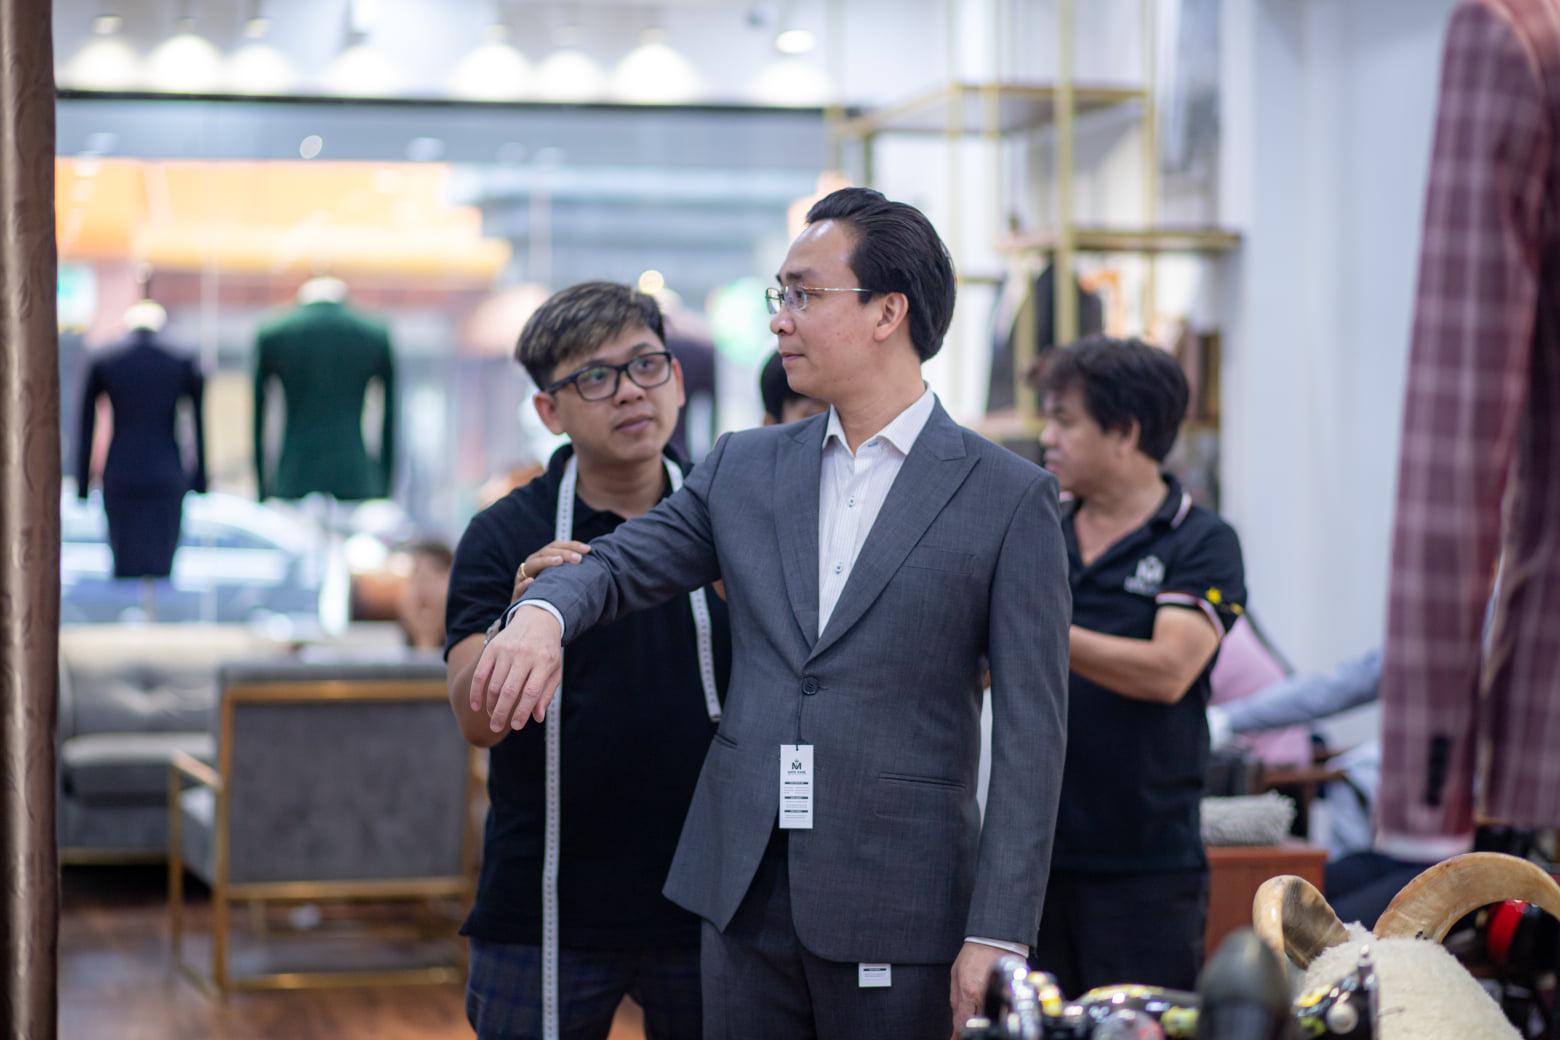 Khang Đặng và chặng đường xây dựng thương hiệu Mon Amie nổi tiếng